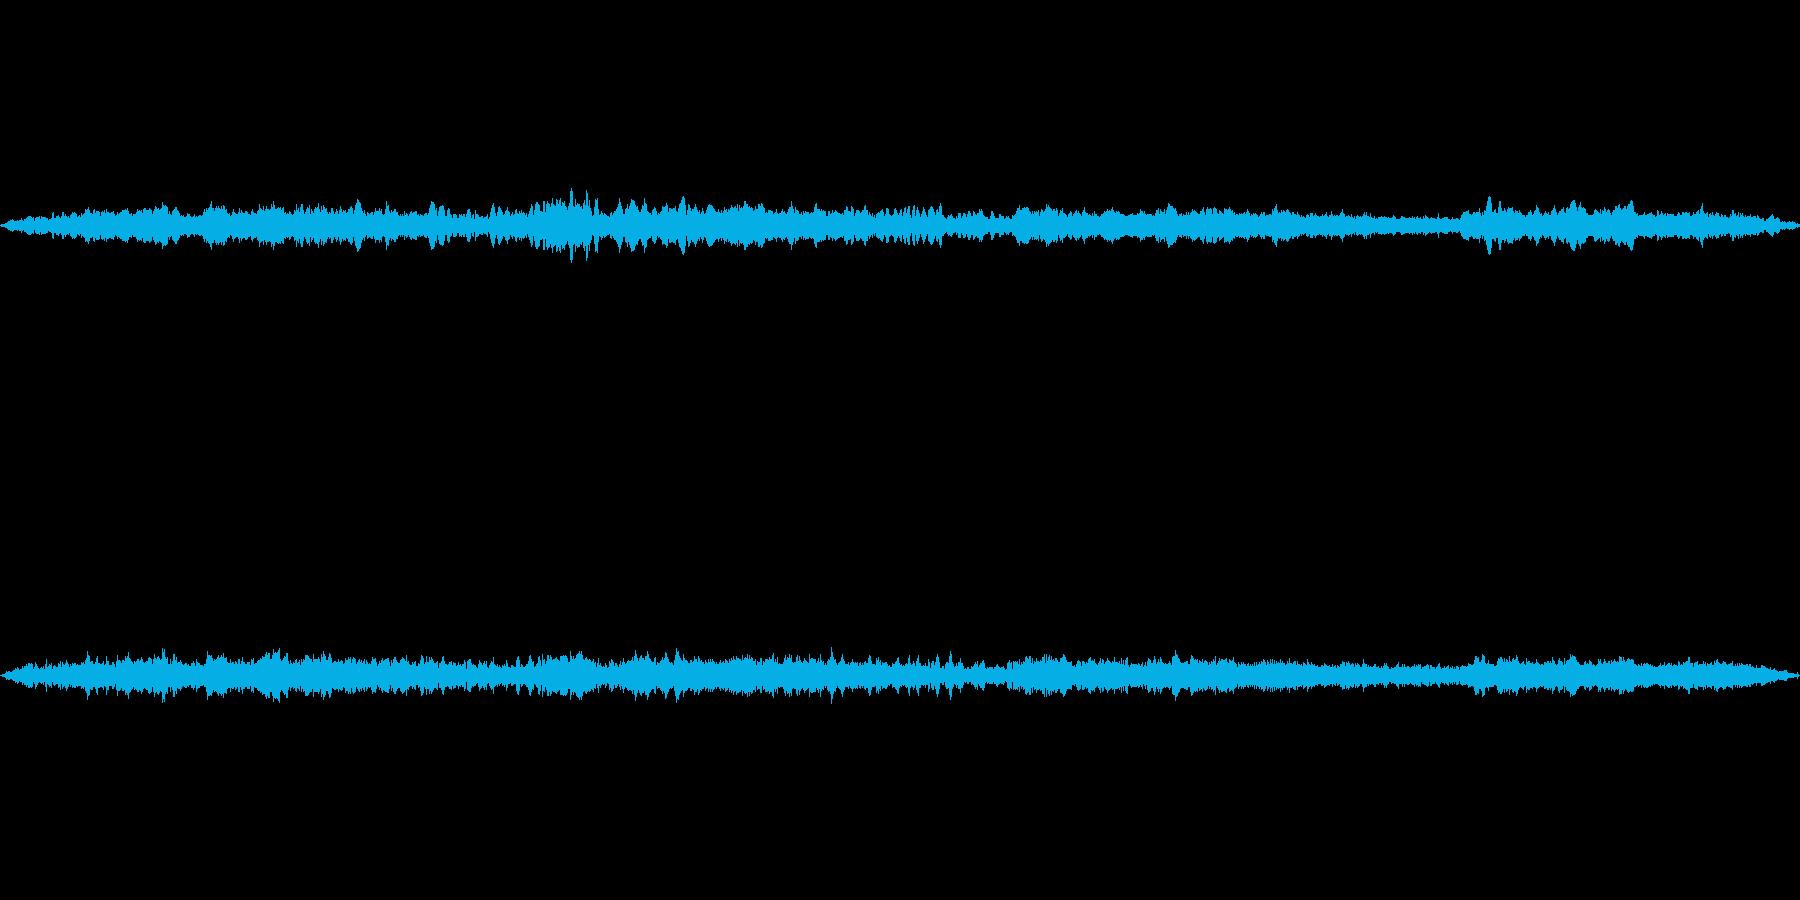 都会の街中での蝉の声の再生済みの波形